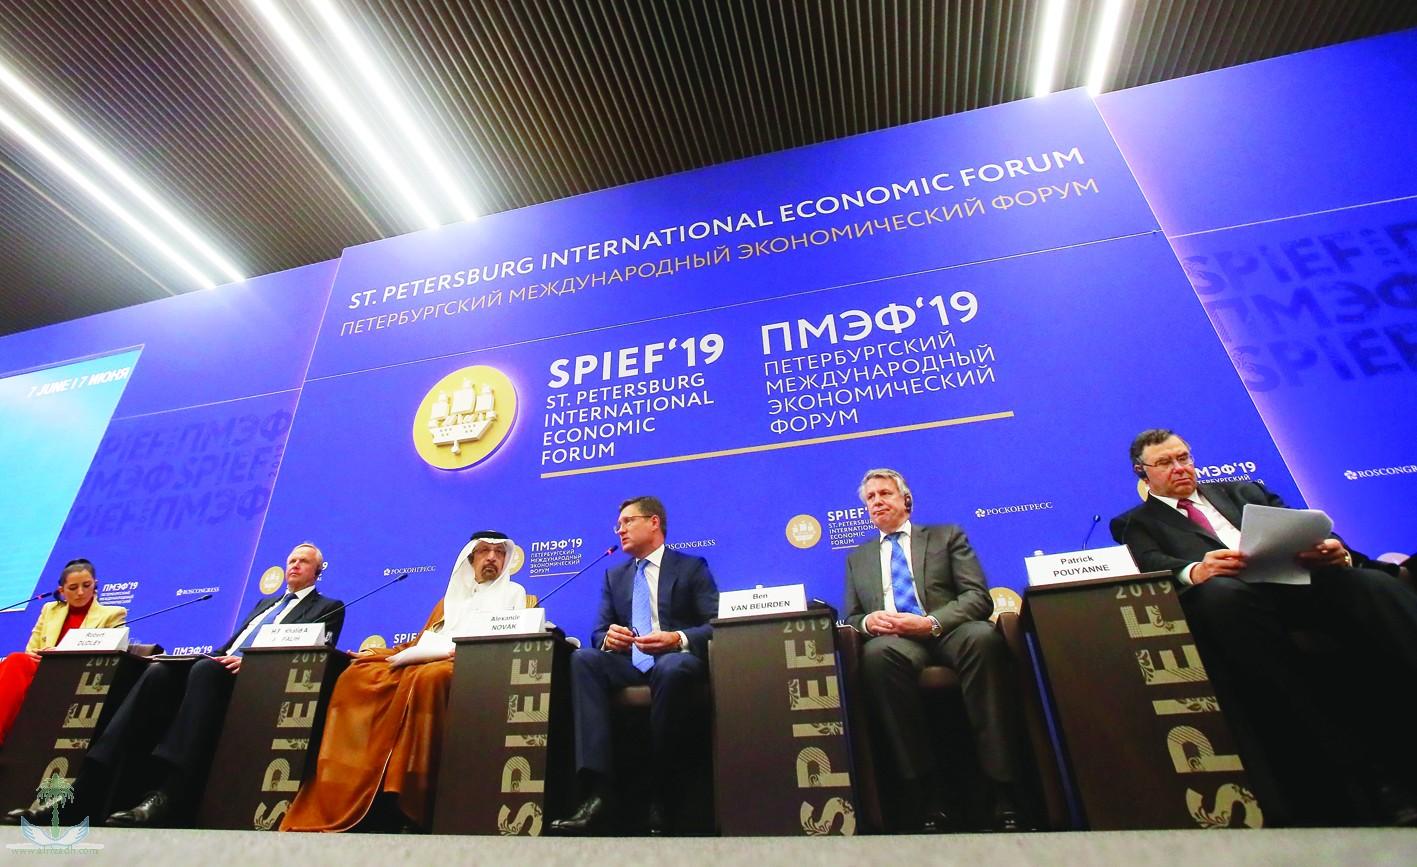 аль-Фалих: ОПЕК близко к заключению соглашения о продлении ограничения добычи нефти,